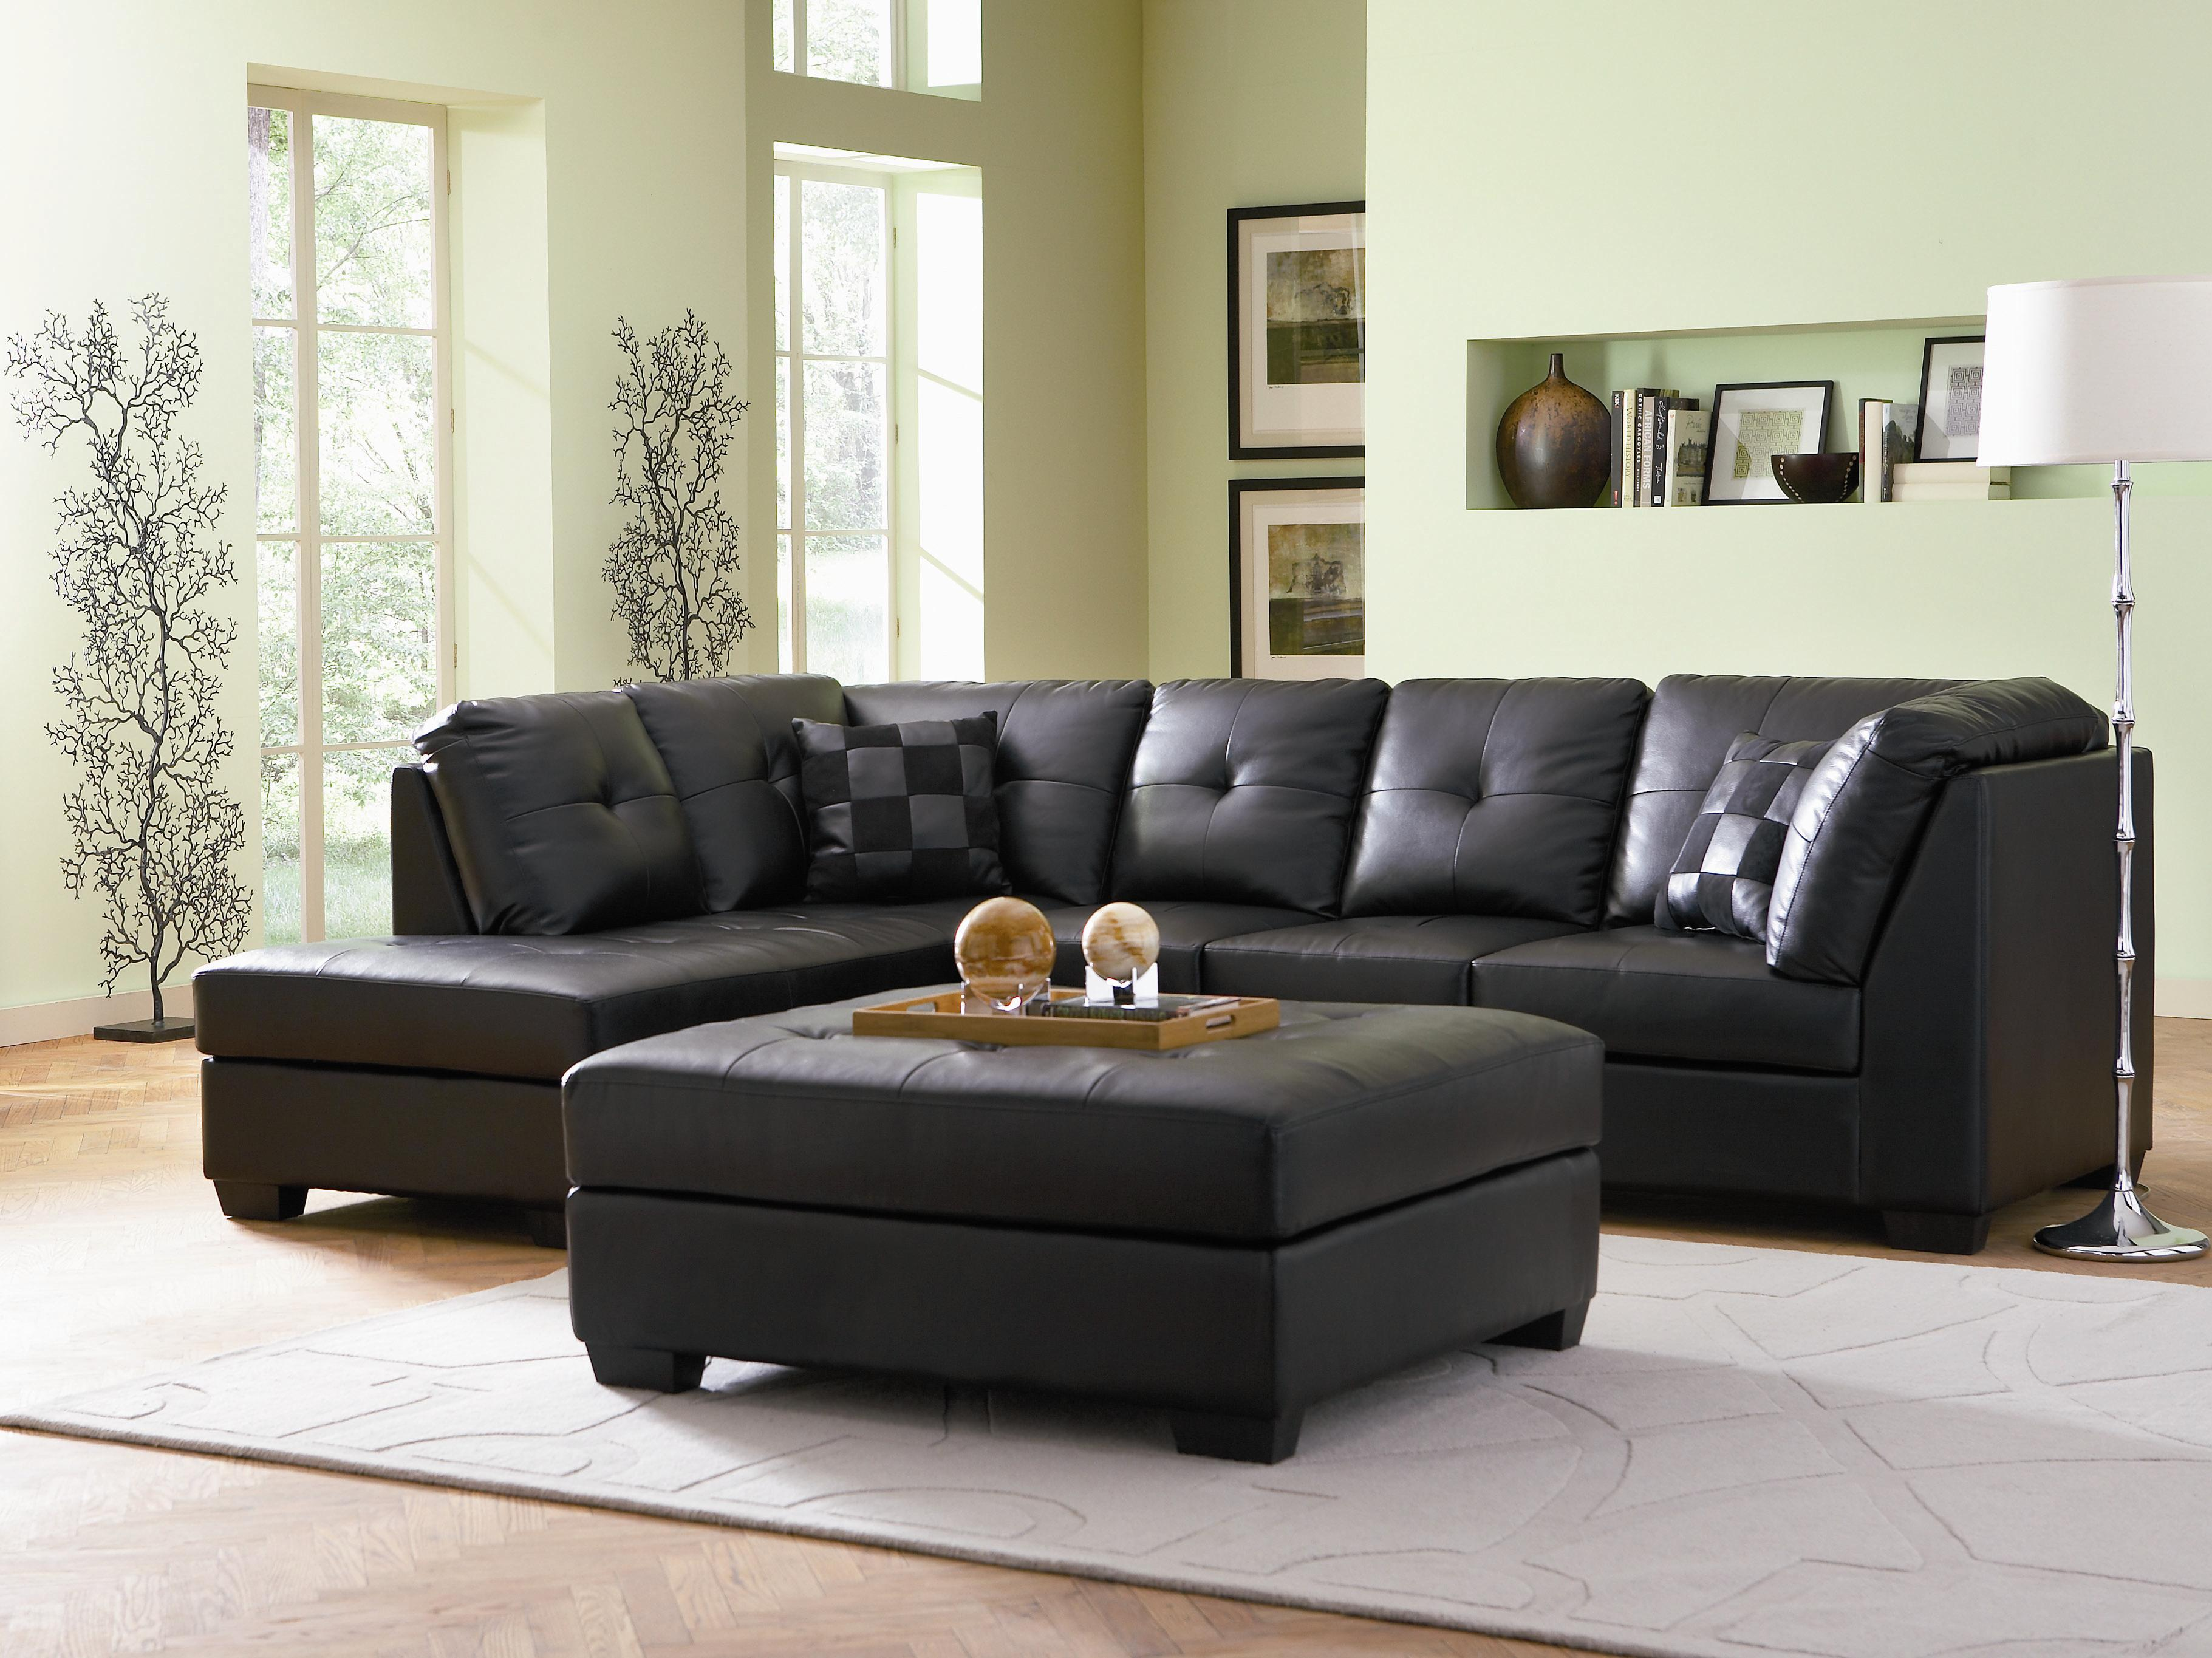 dark sofa decor sofas for under 100 35 best beds design ideas in uk